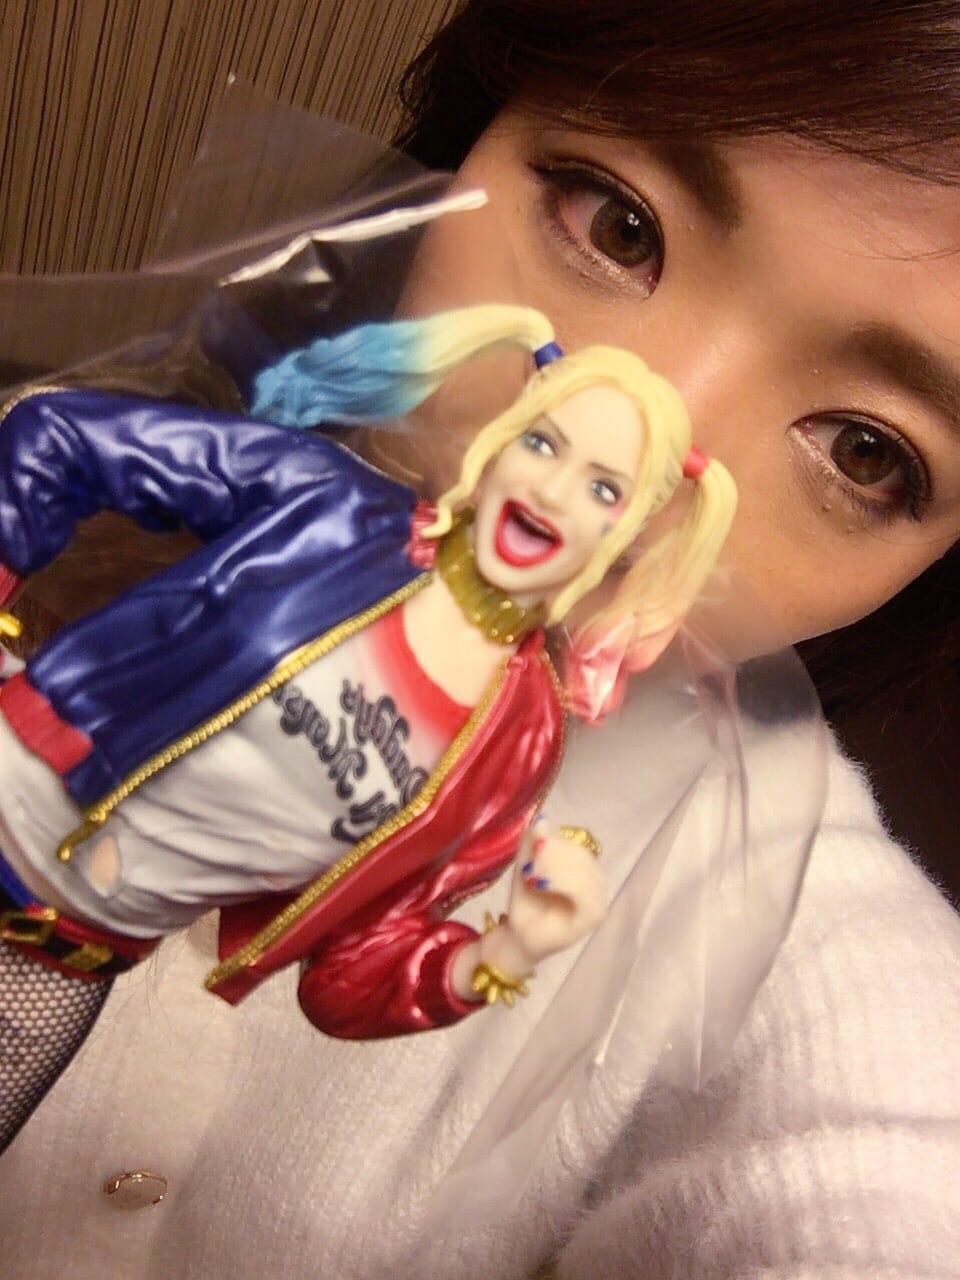 若槻よしの「H様♡friend」12/16(土) 09:09 | 若槻よしのの写メ・風俗動画